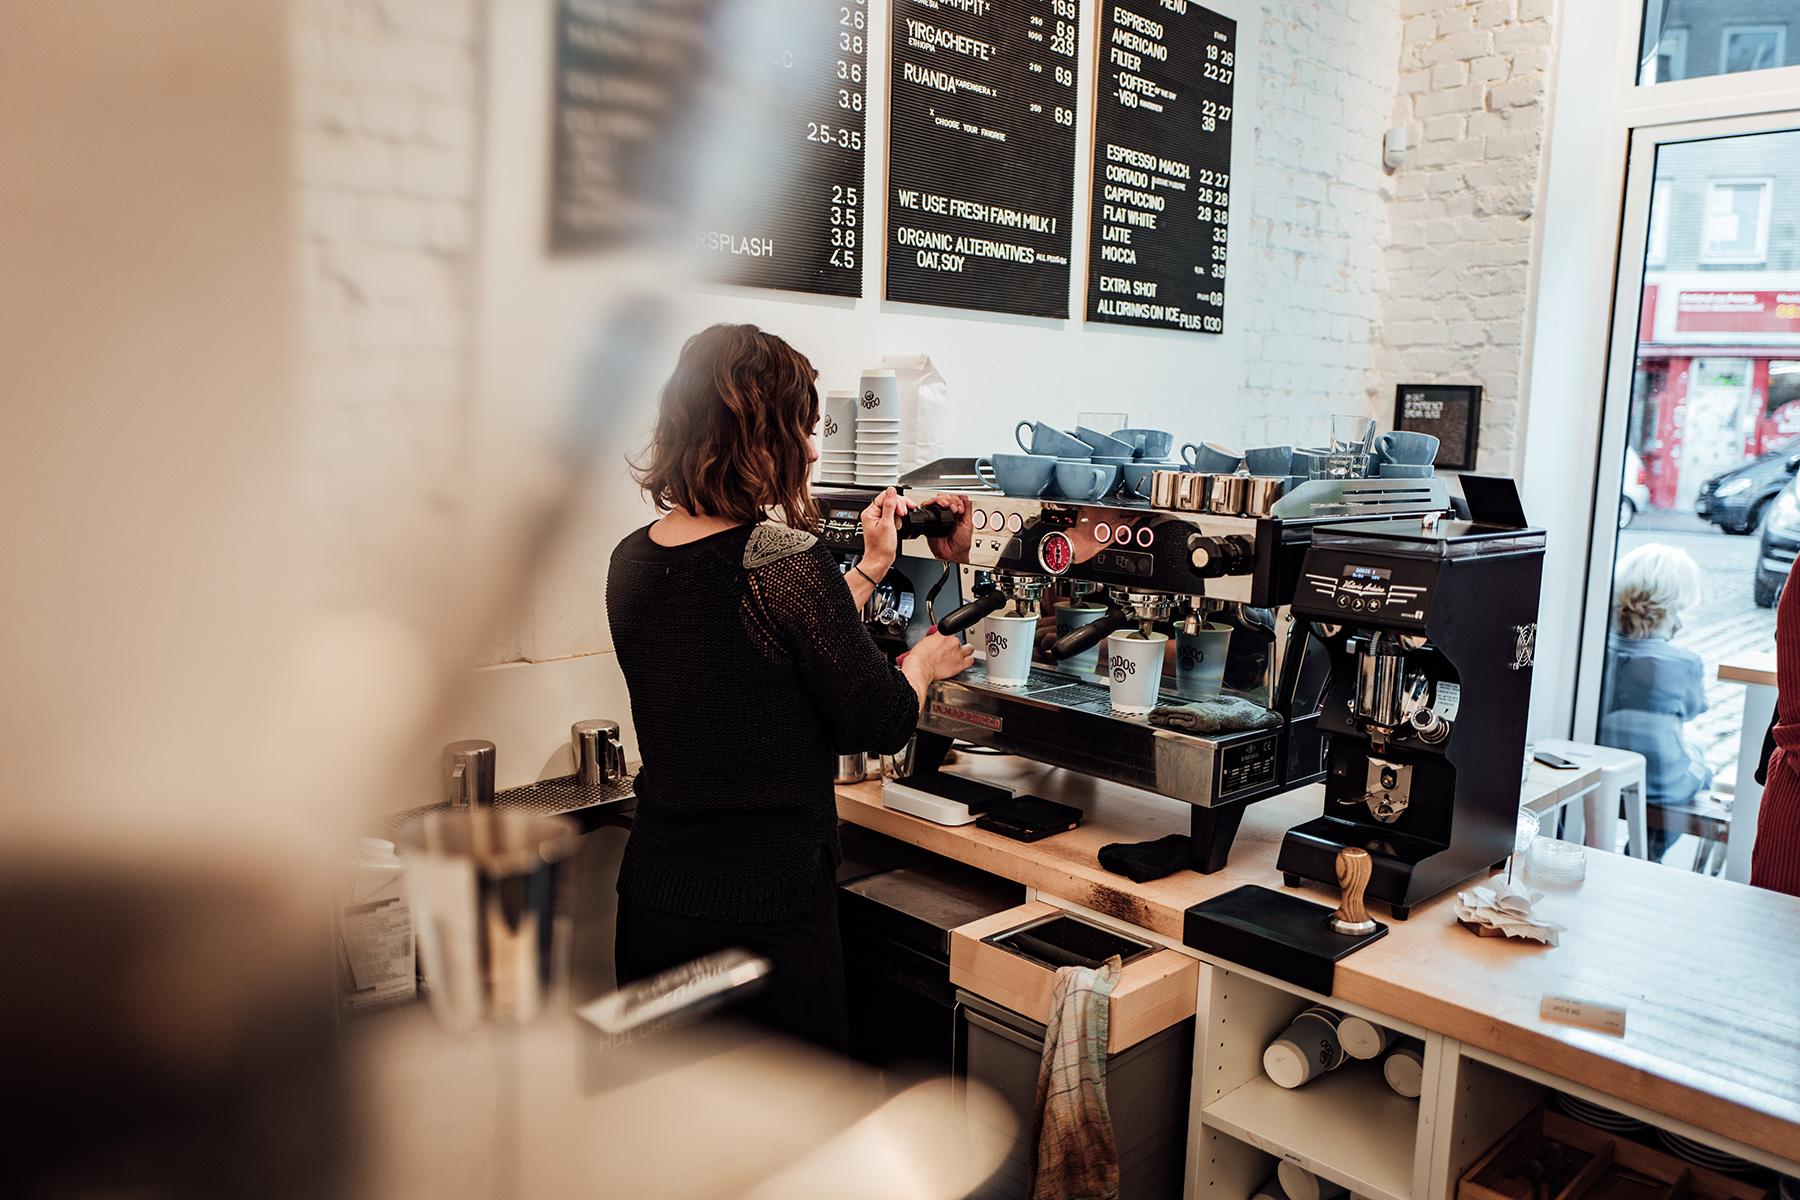 Absolute Profis an der Kaffee Maschine.